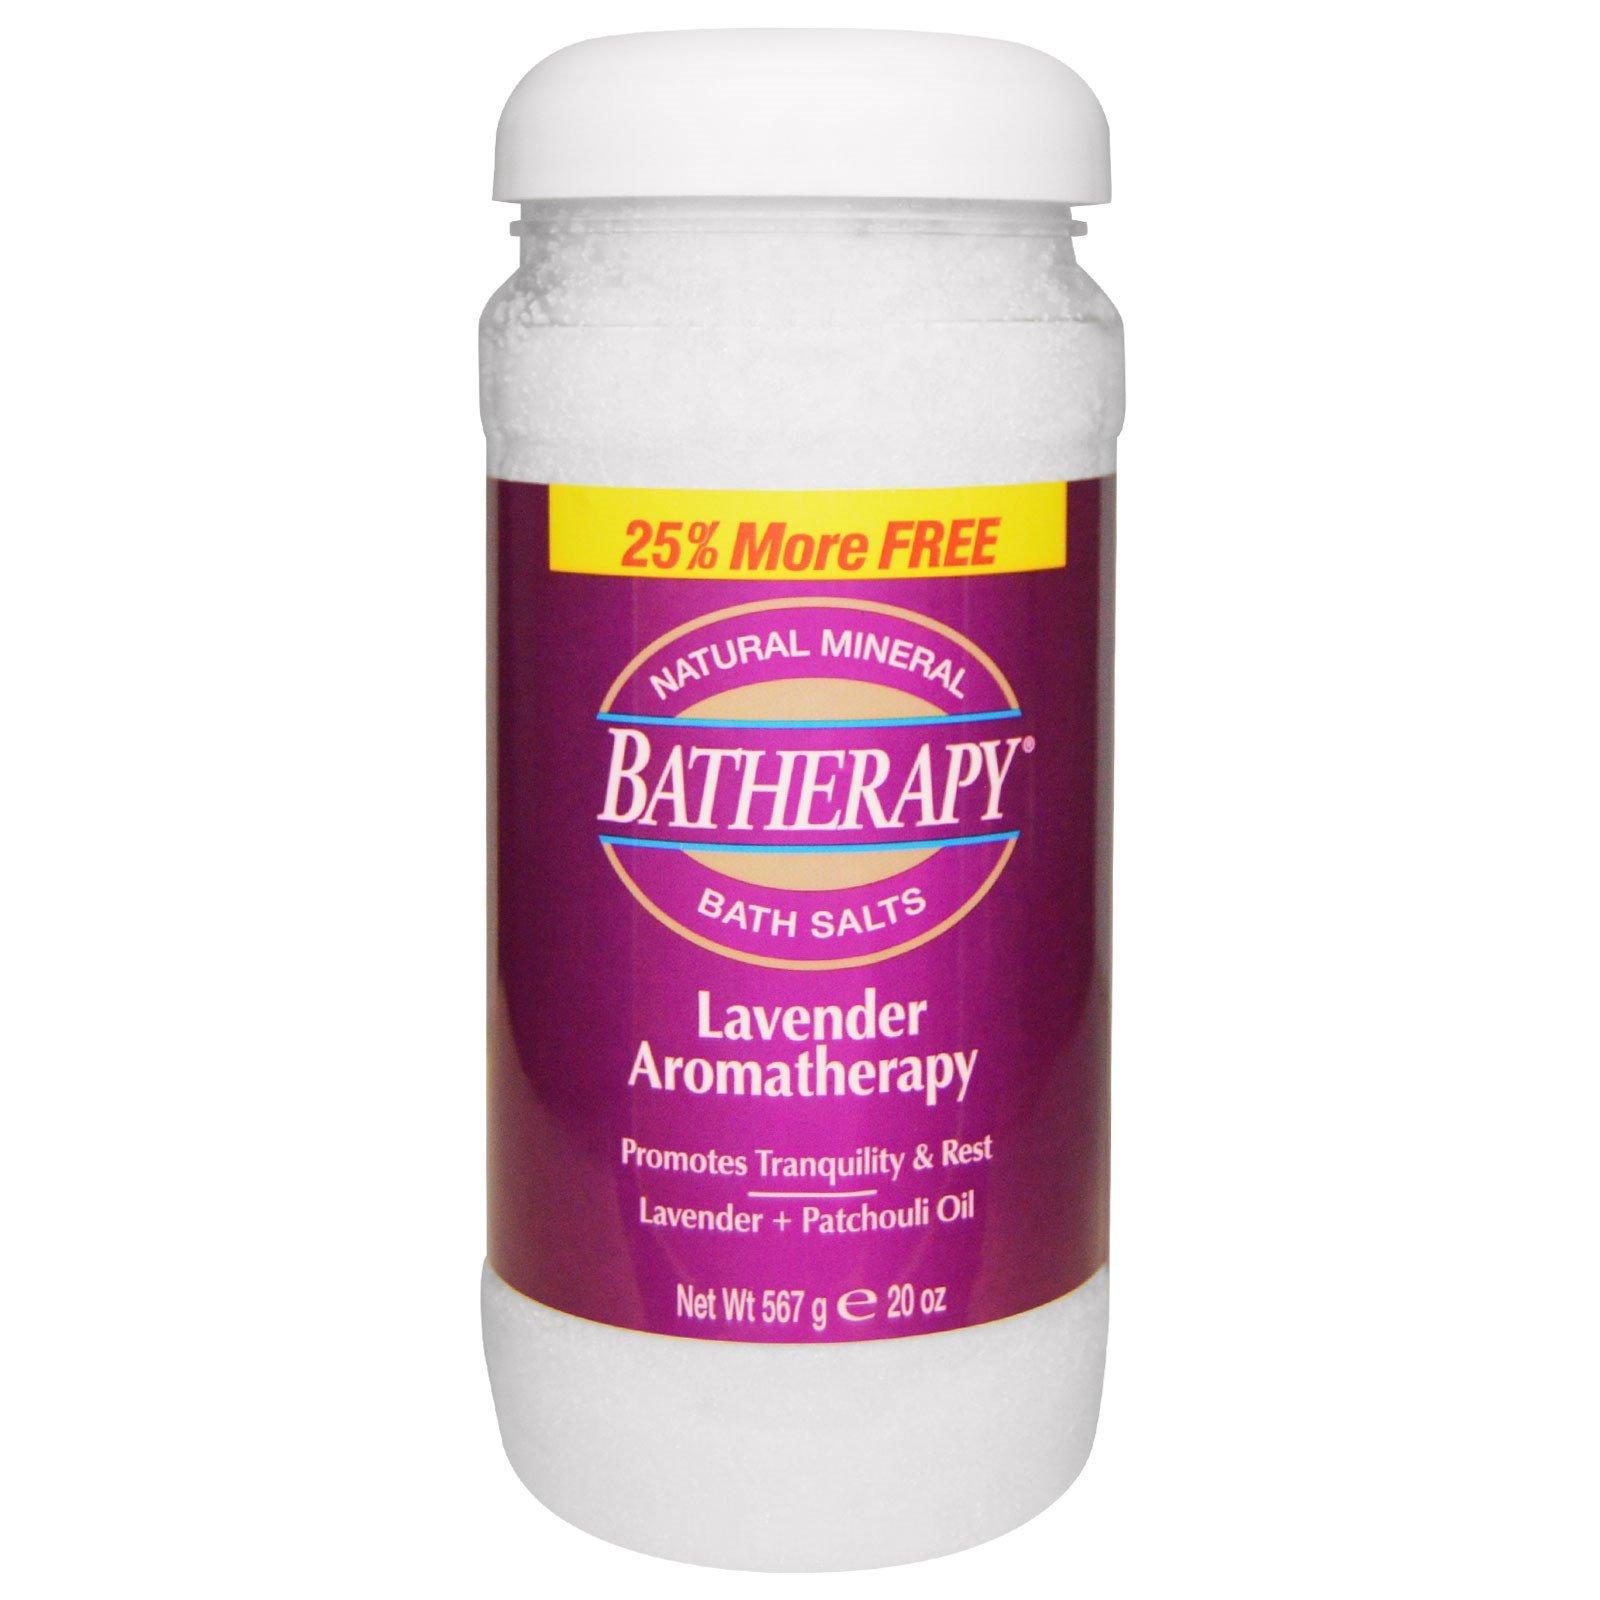 Queen Helene, Batherapy, Натуральная минеральная соль для ванны с ароматом лаванды, 20 унции (567 г)